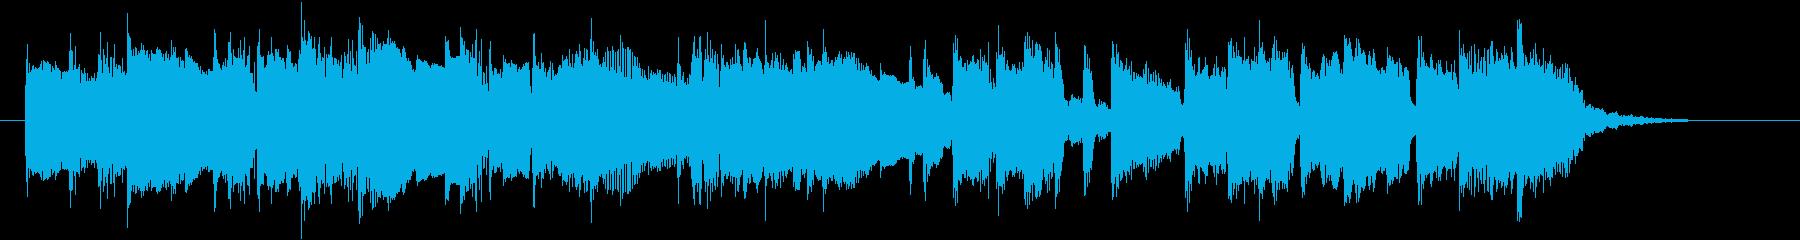 美しいエレピのバラードの再生済みの波形